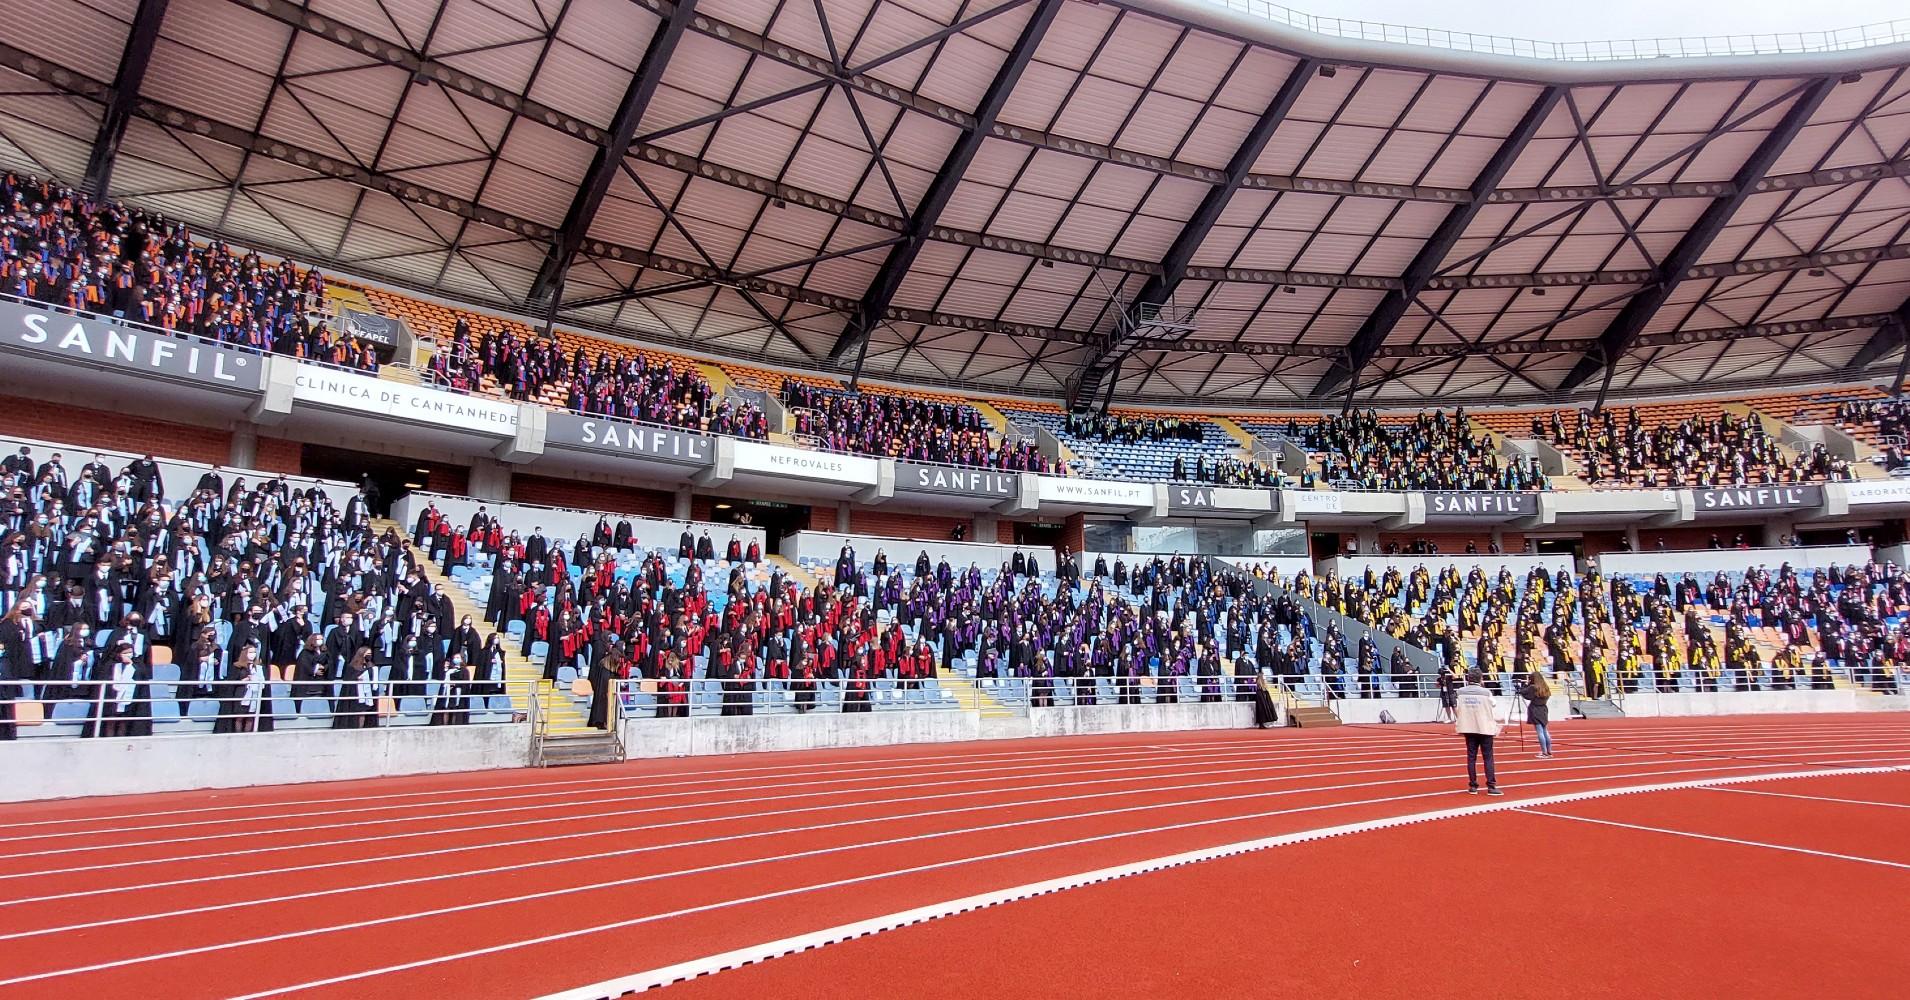 Estudantes na bancada do estádio, mostrando as fitas de finalista por ocasião da missa da Bêncção das Pastas Coimbra 2021